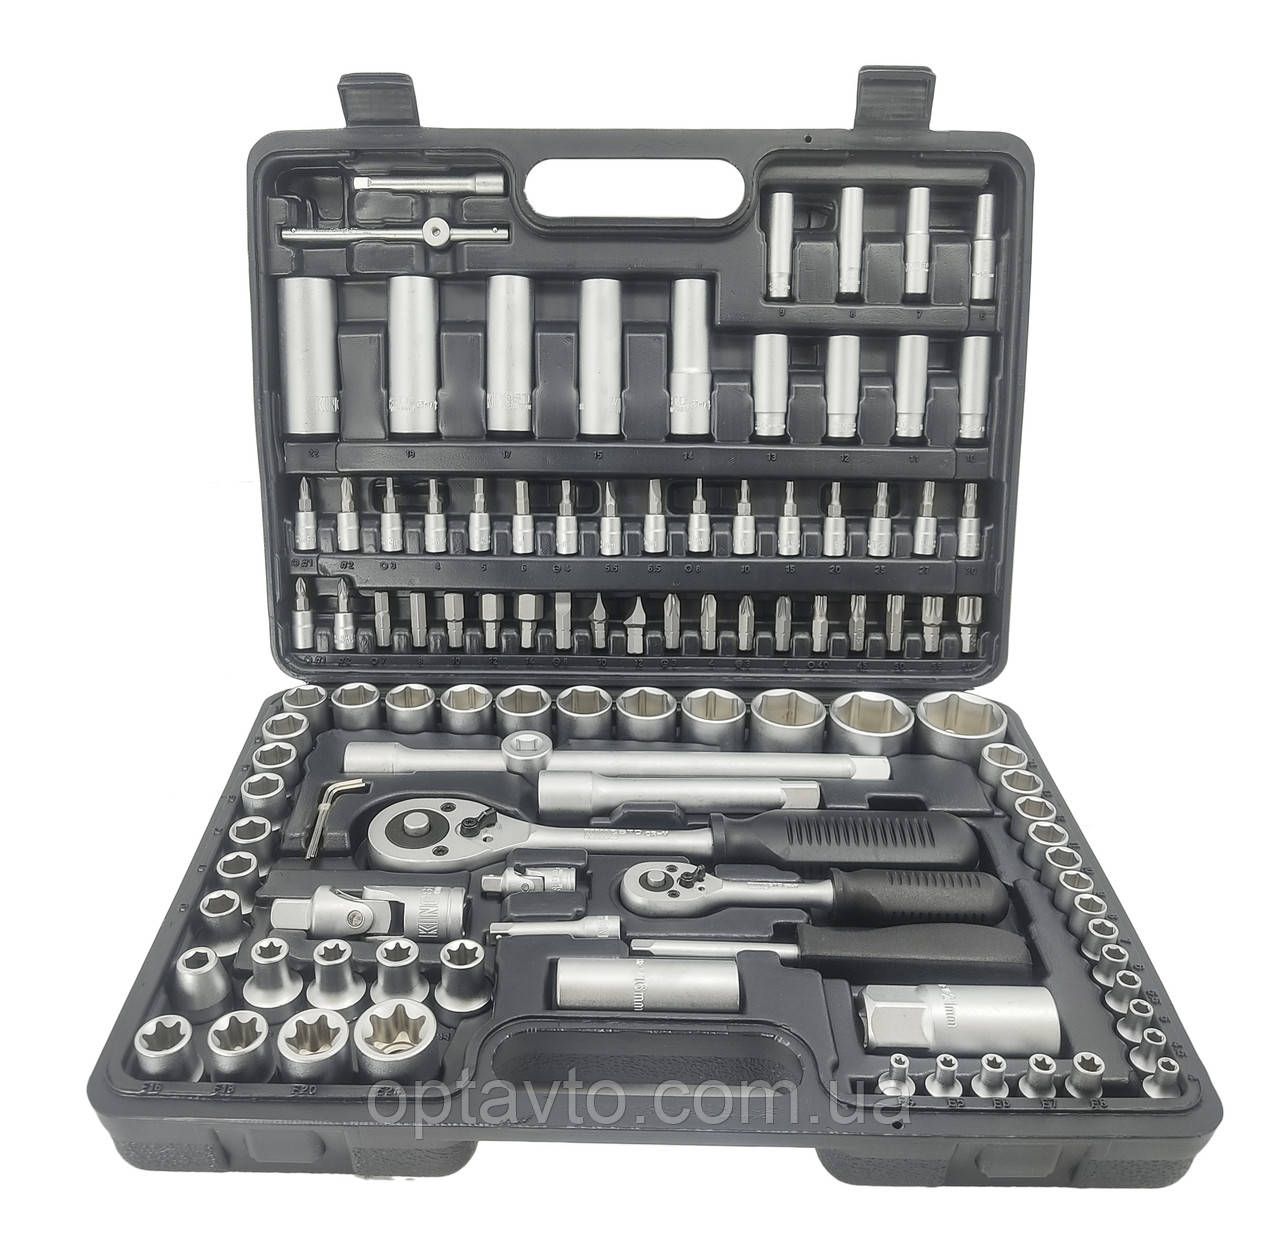 Качественный набор инструментов 108 предметов King STD KSD-108